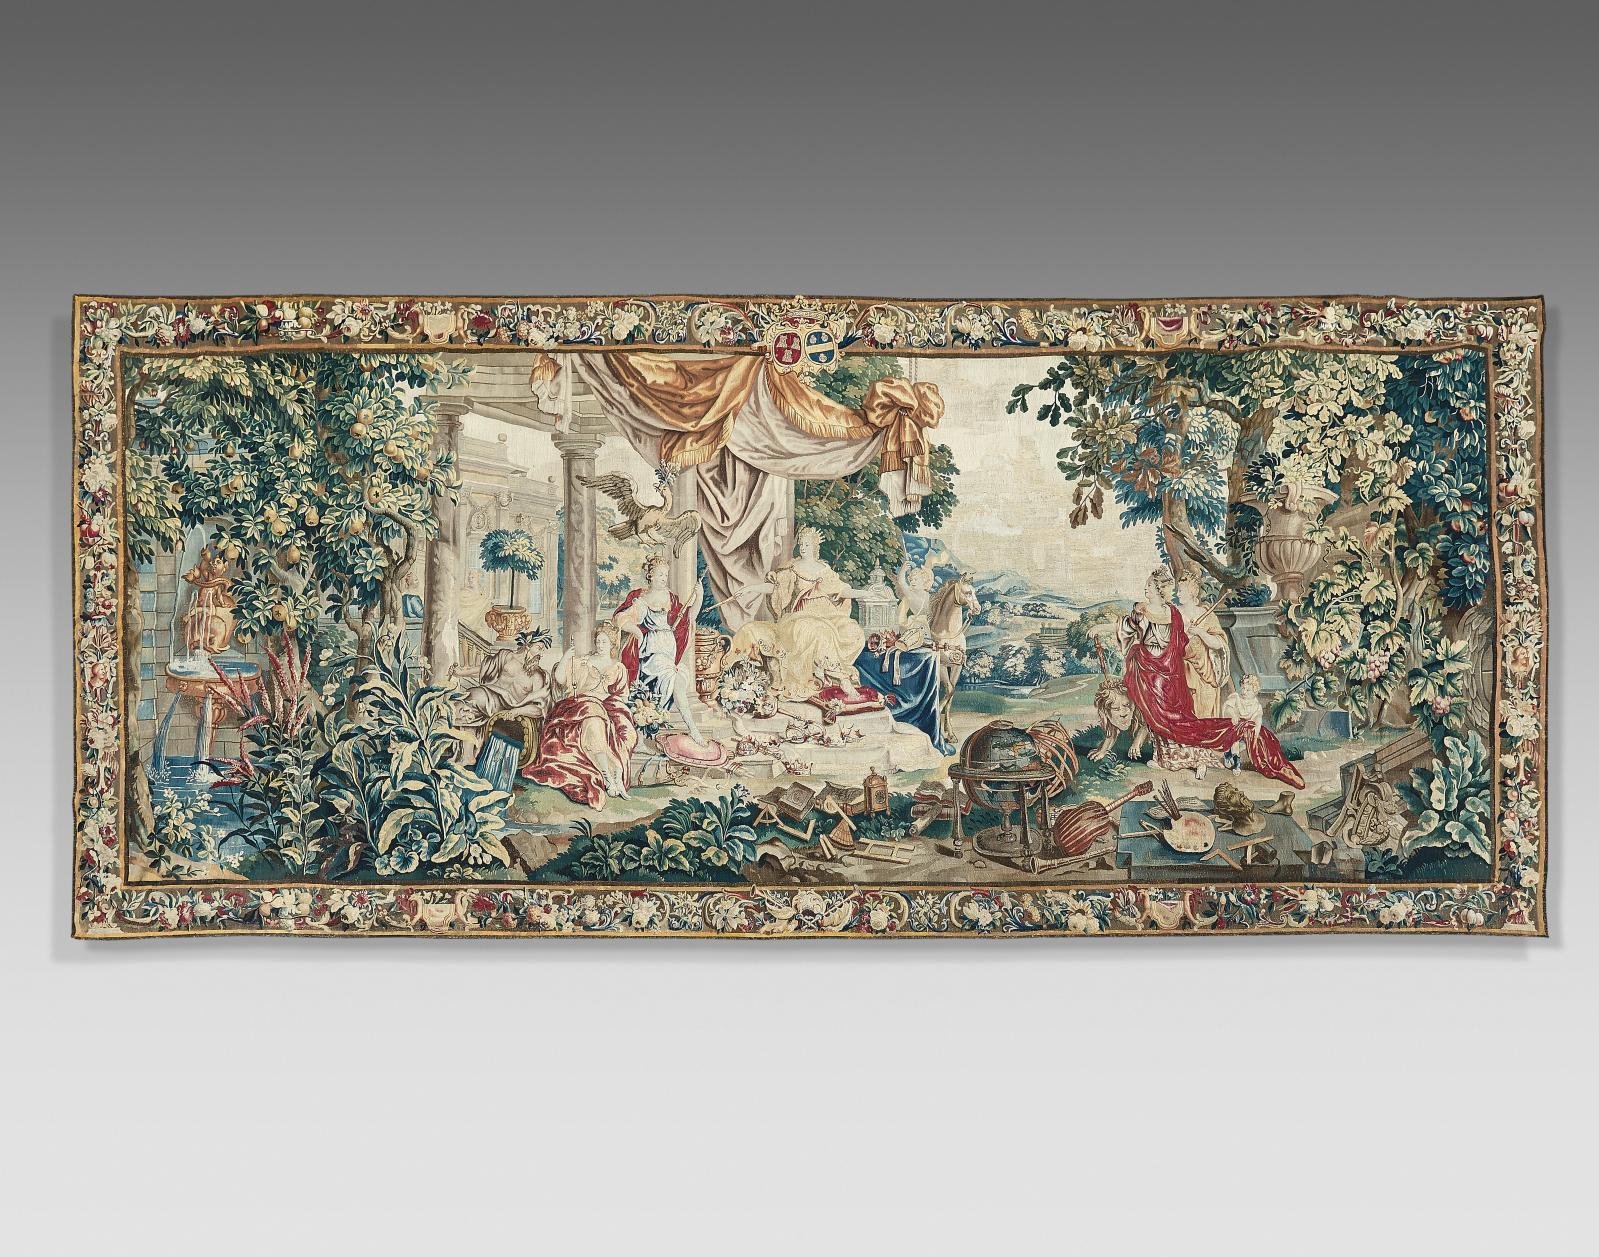 Tapisserie en laine et soie représentant L'Europe, de la «Tenture des continents» d'après les cartons de Louis Van Schnoor,bordure armori